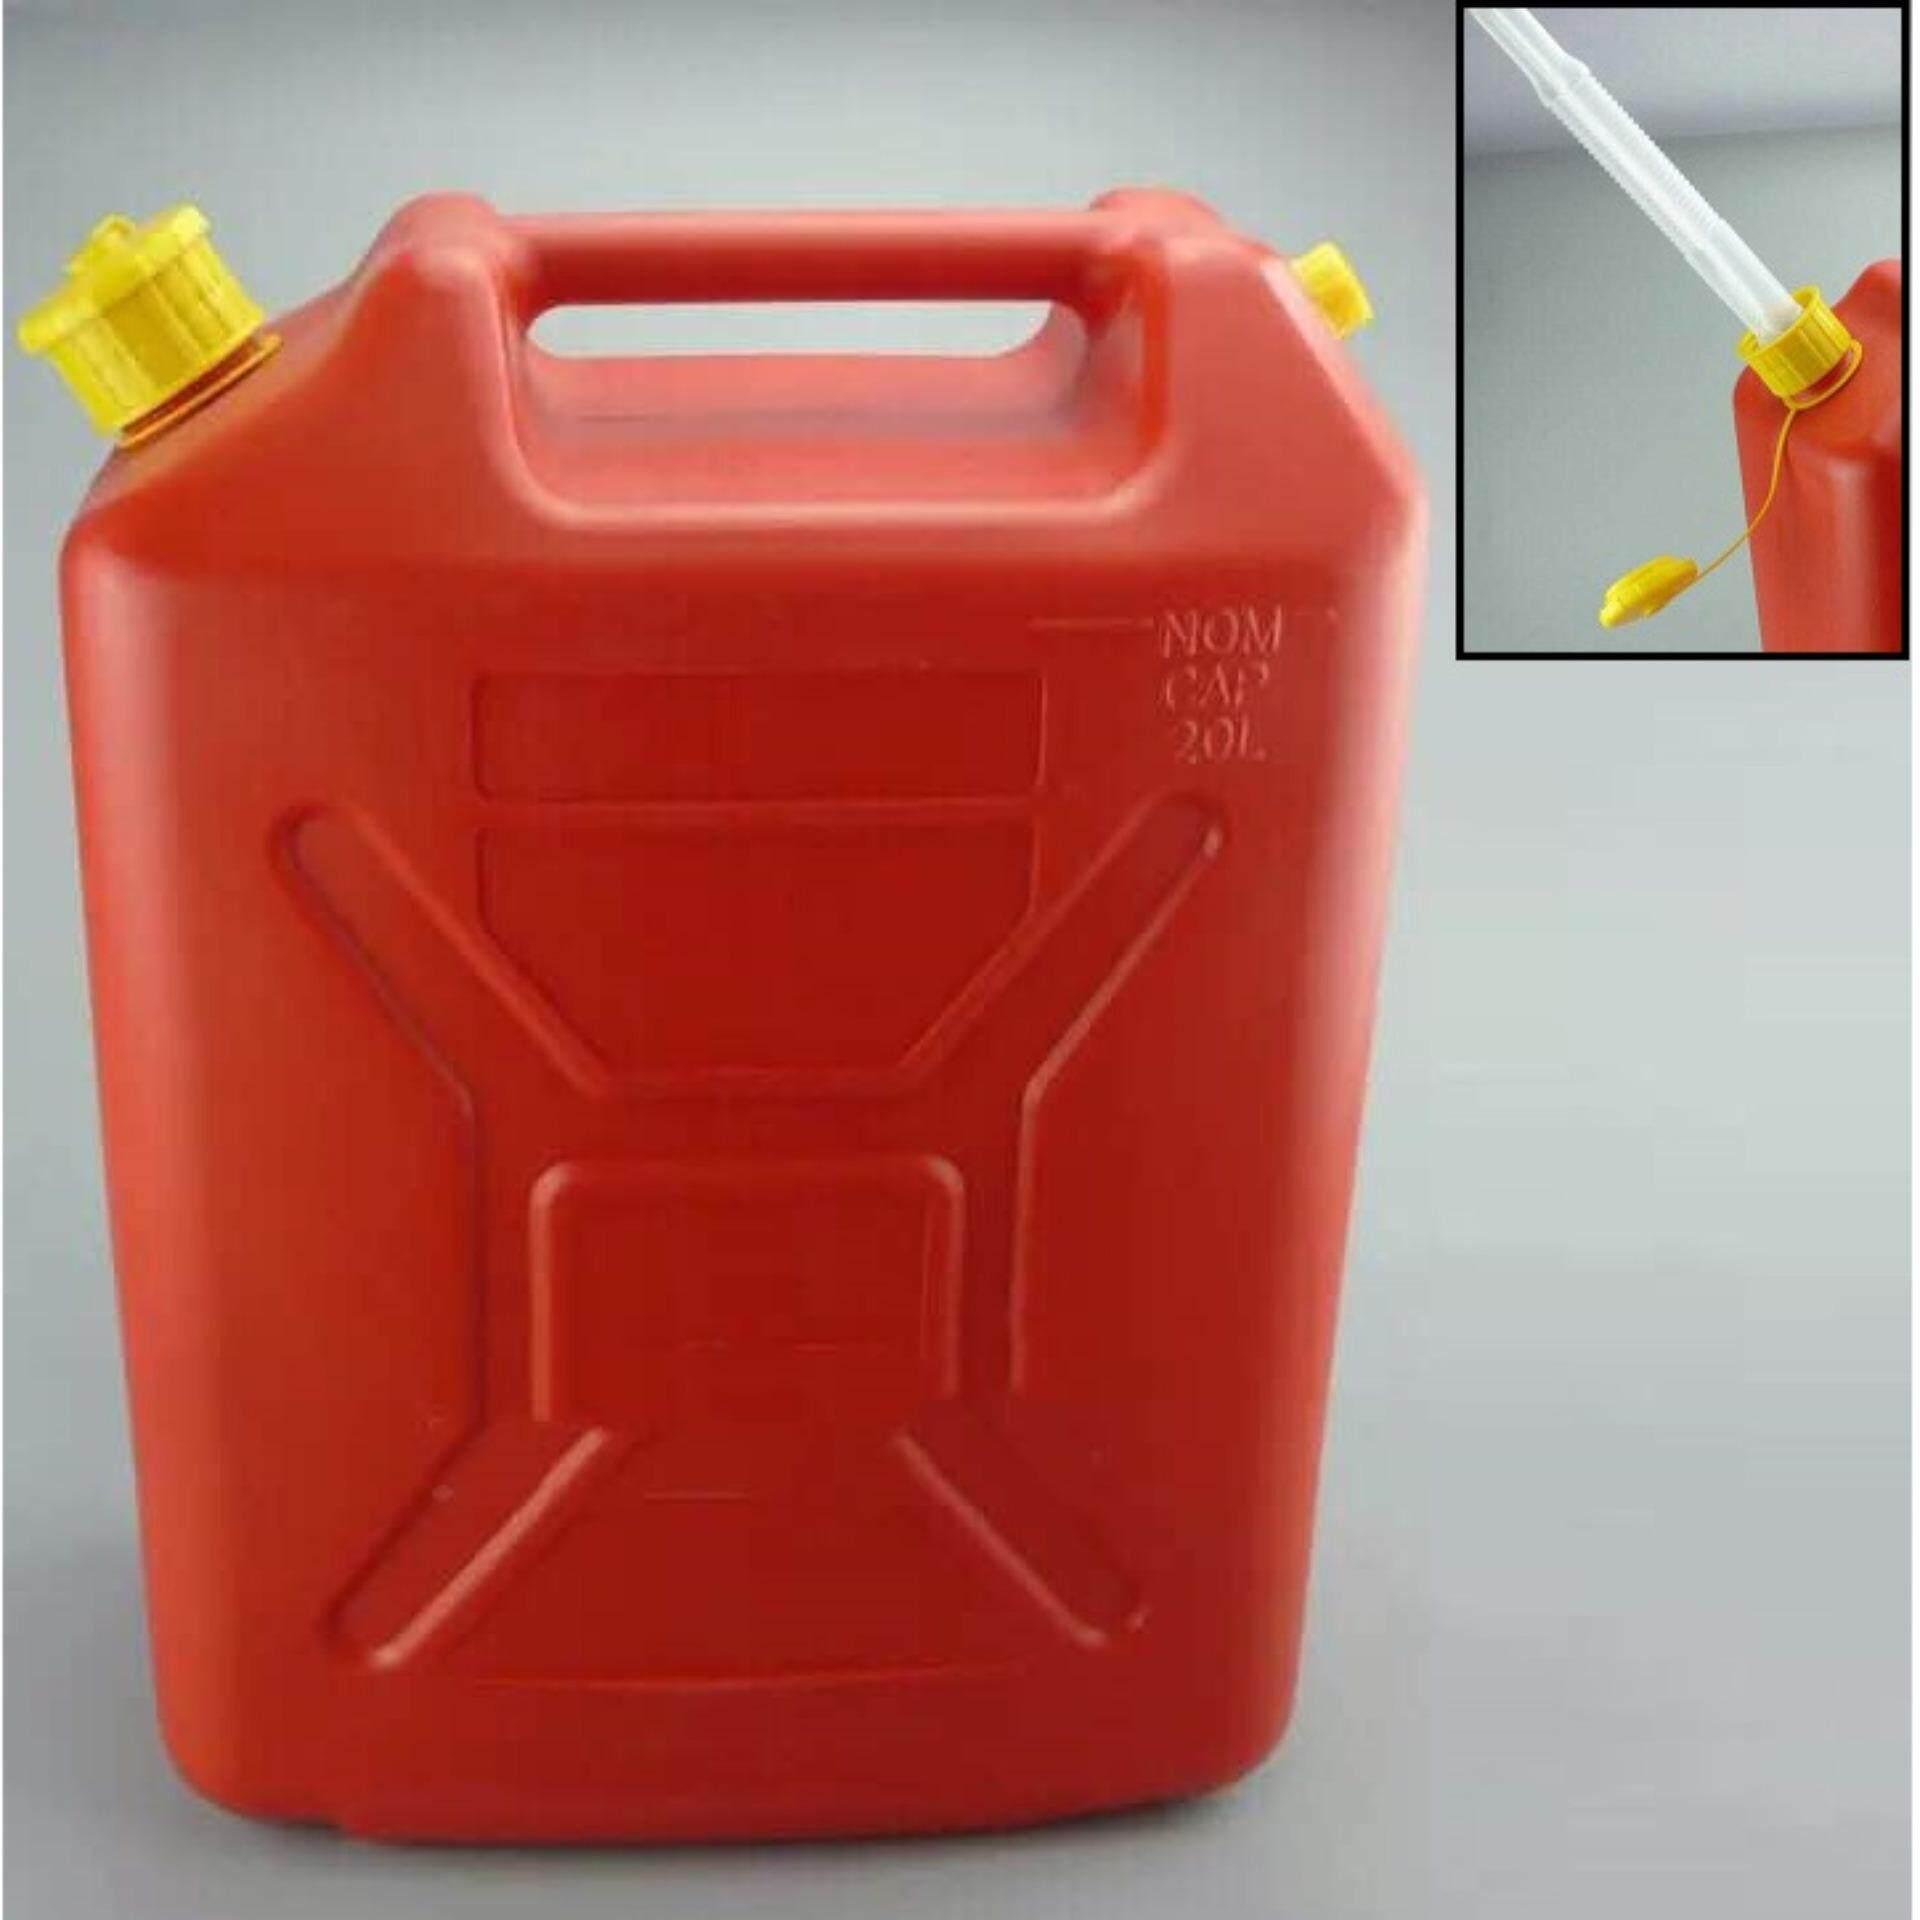 ถังน้ำมัน แกลลอนน้ำมัน 20 Litre Fuel Tank.